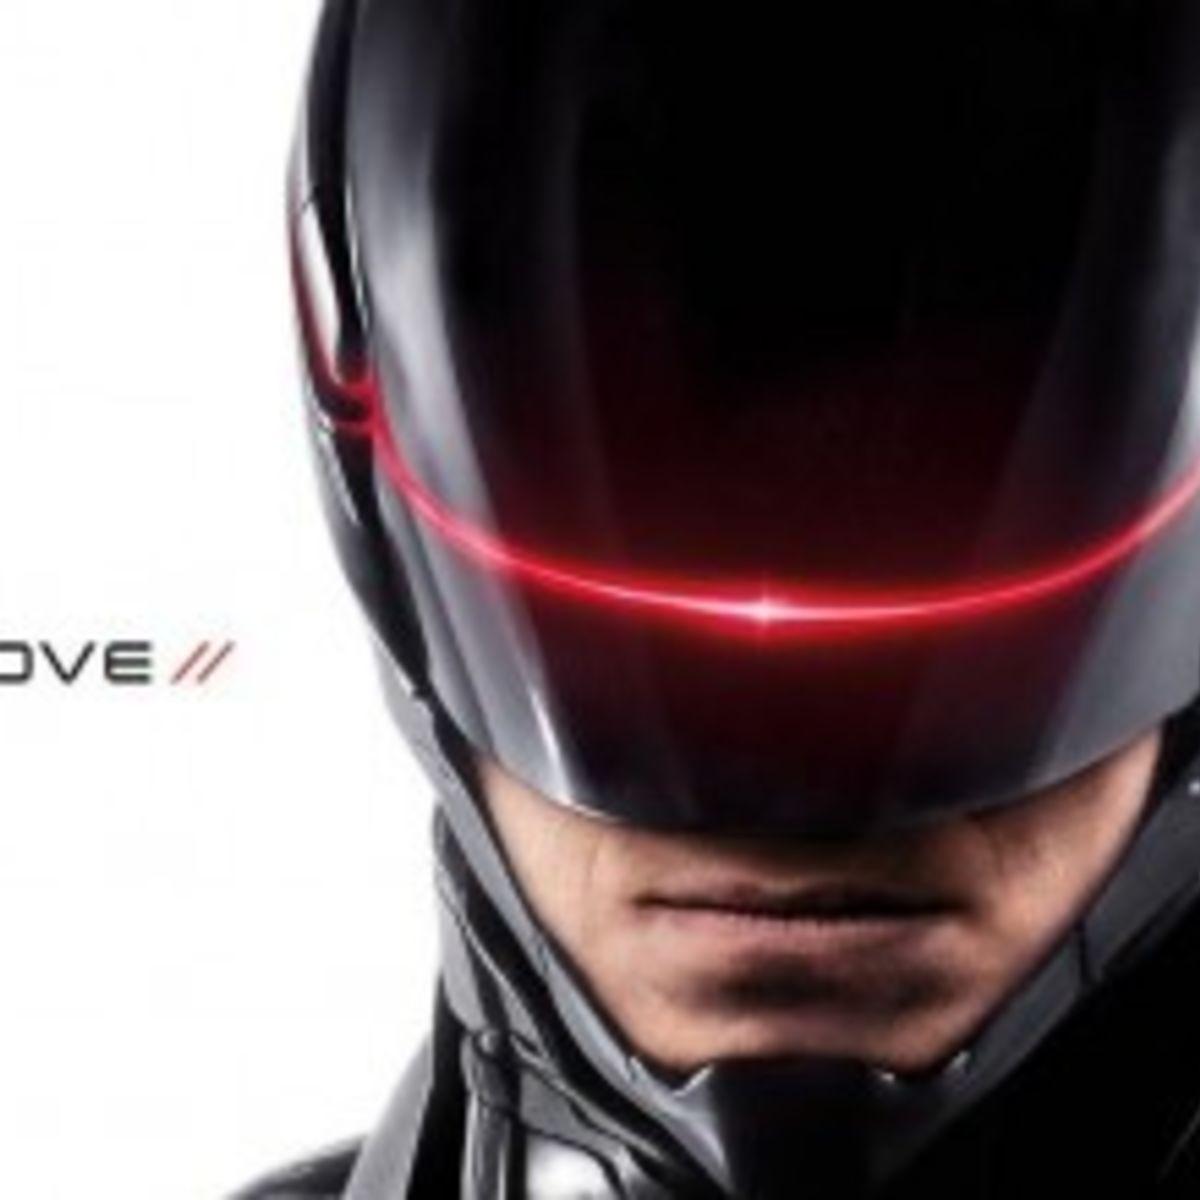 RoboCop poster detail